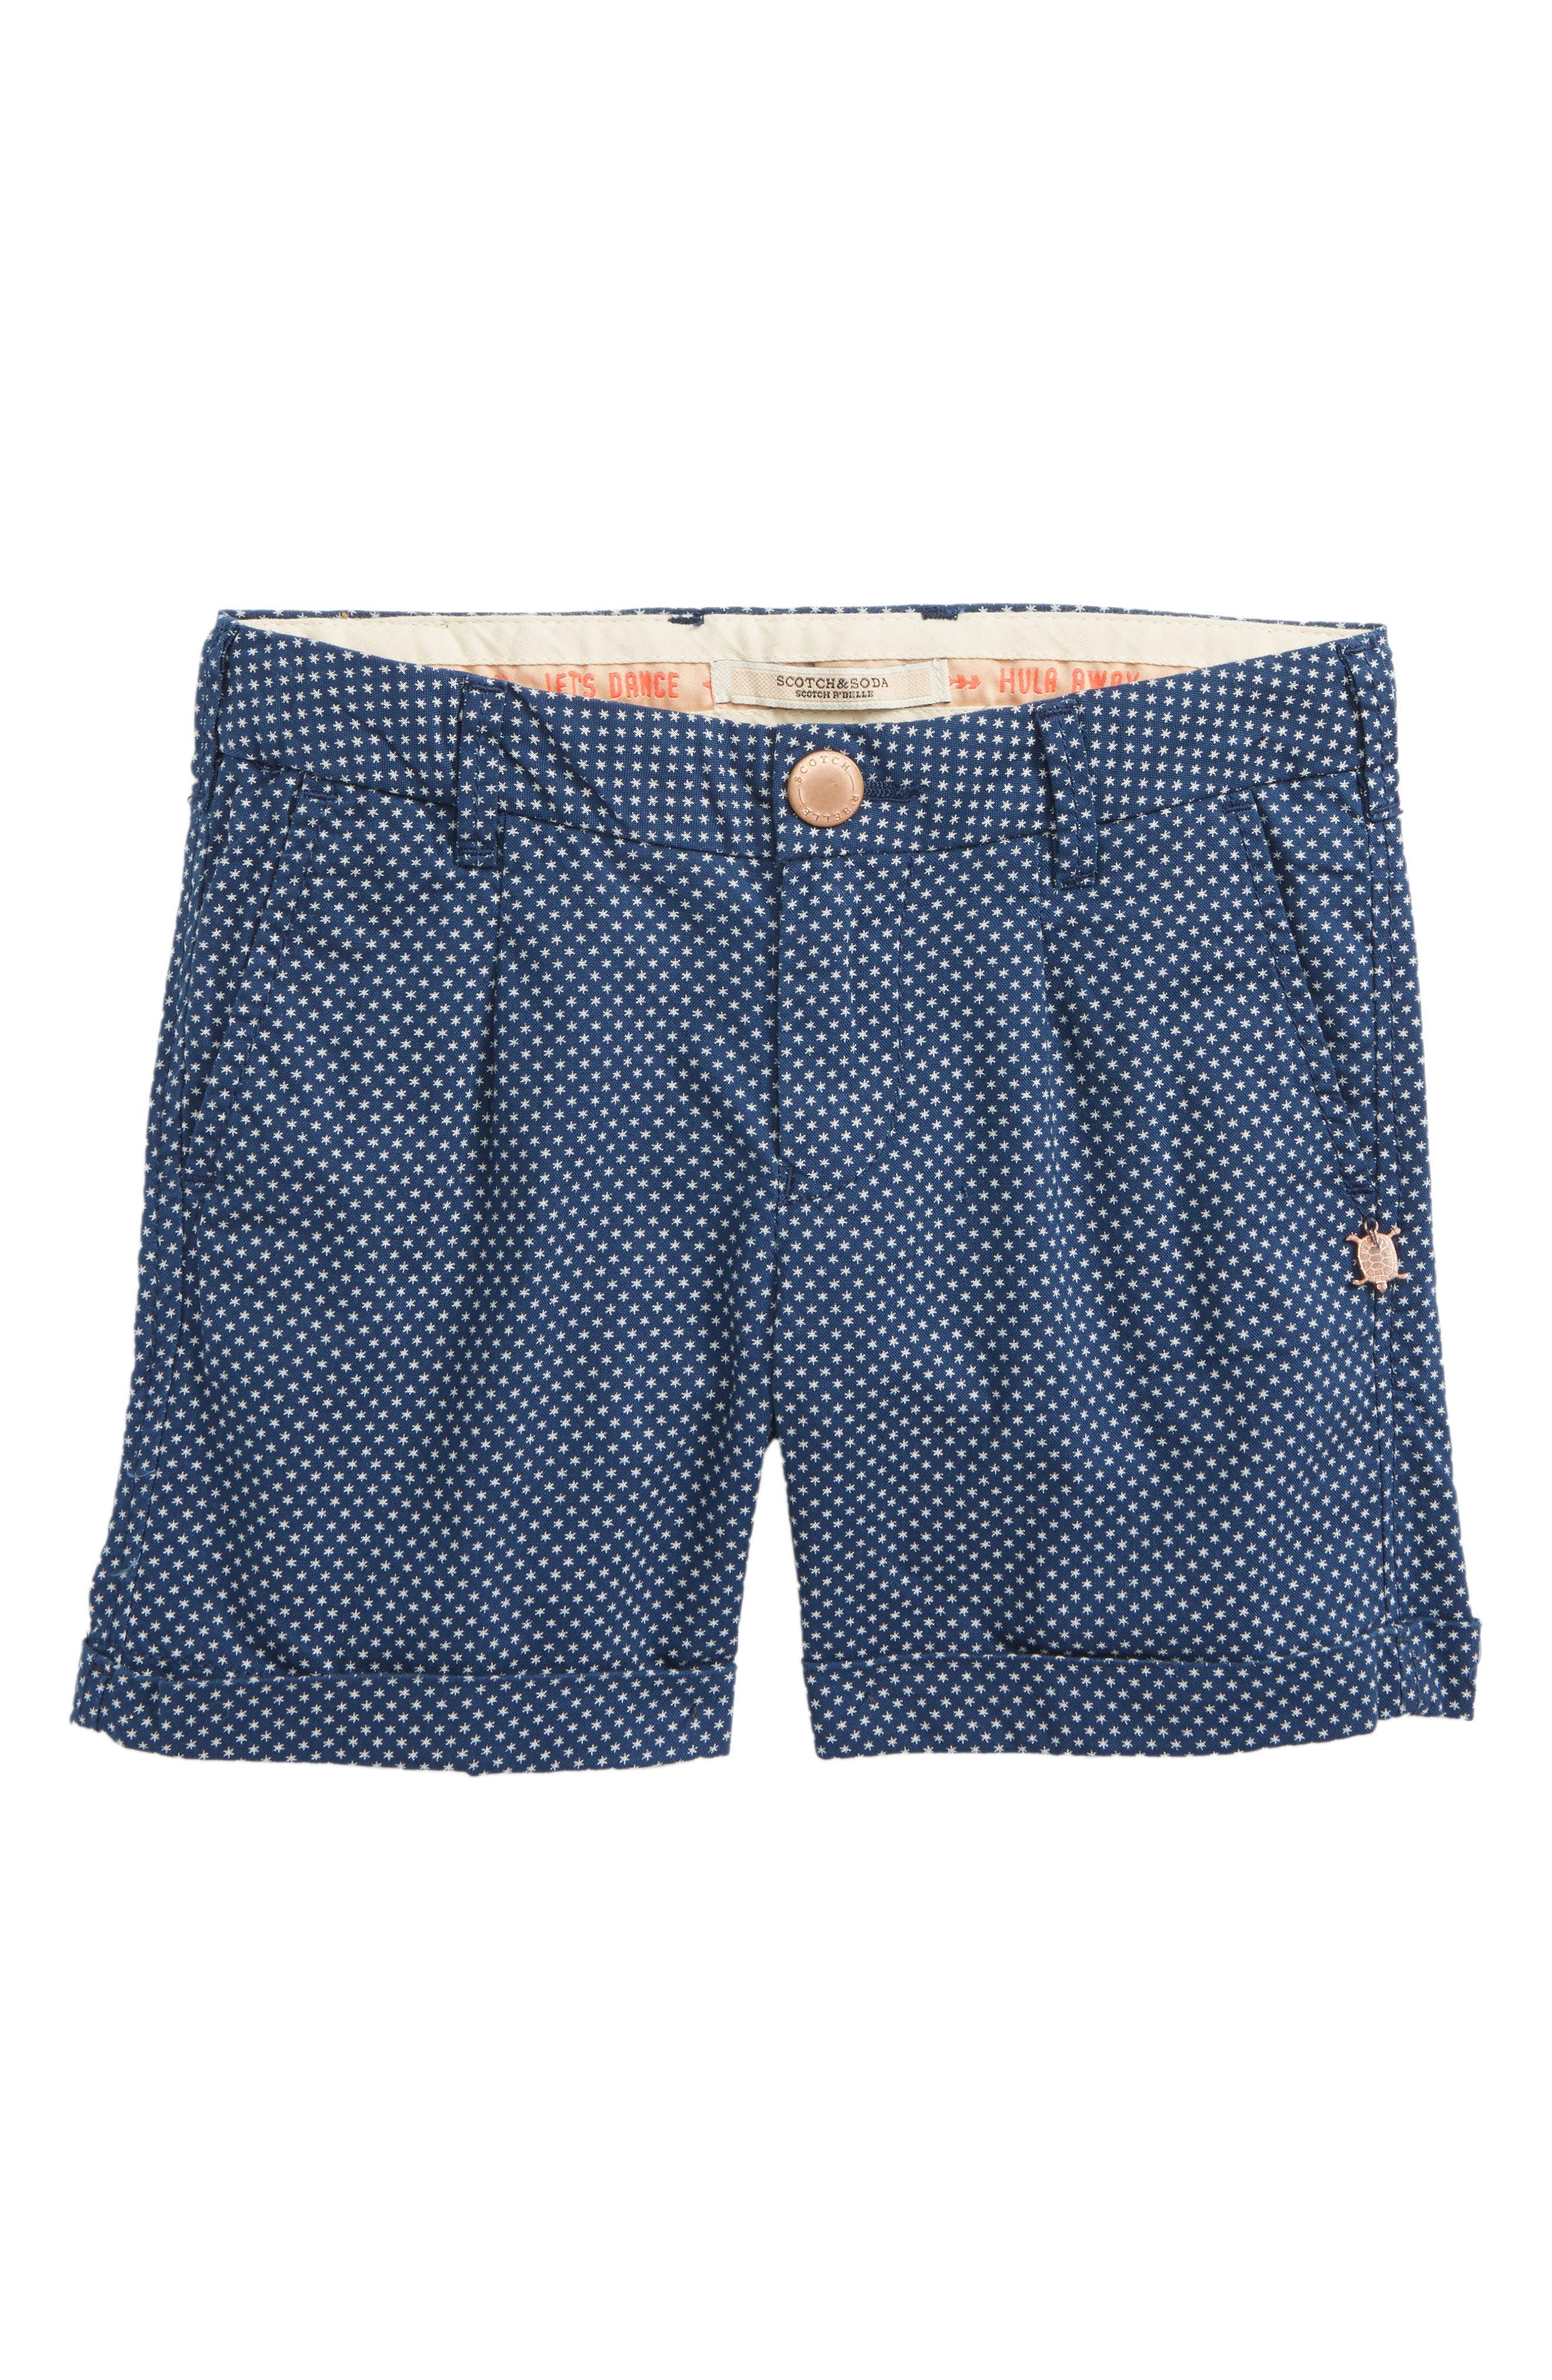 Scotch R'Belle Star Cotton Shorts,                         Main,                         color, 217 A Print